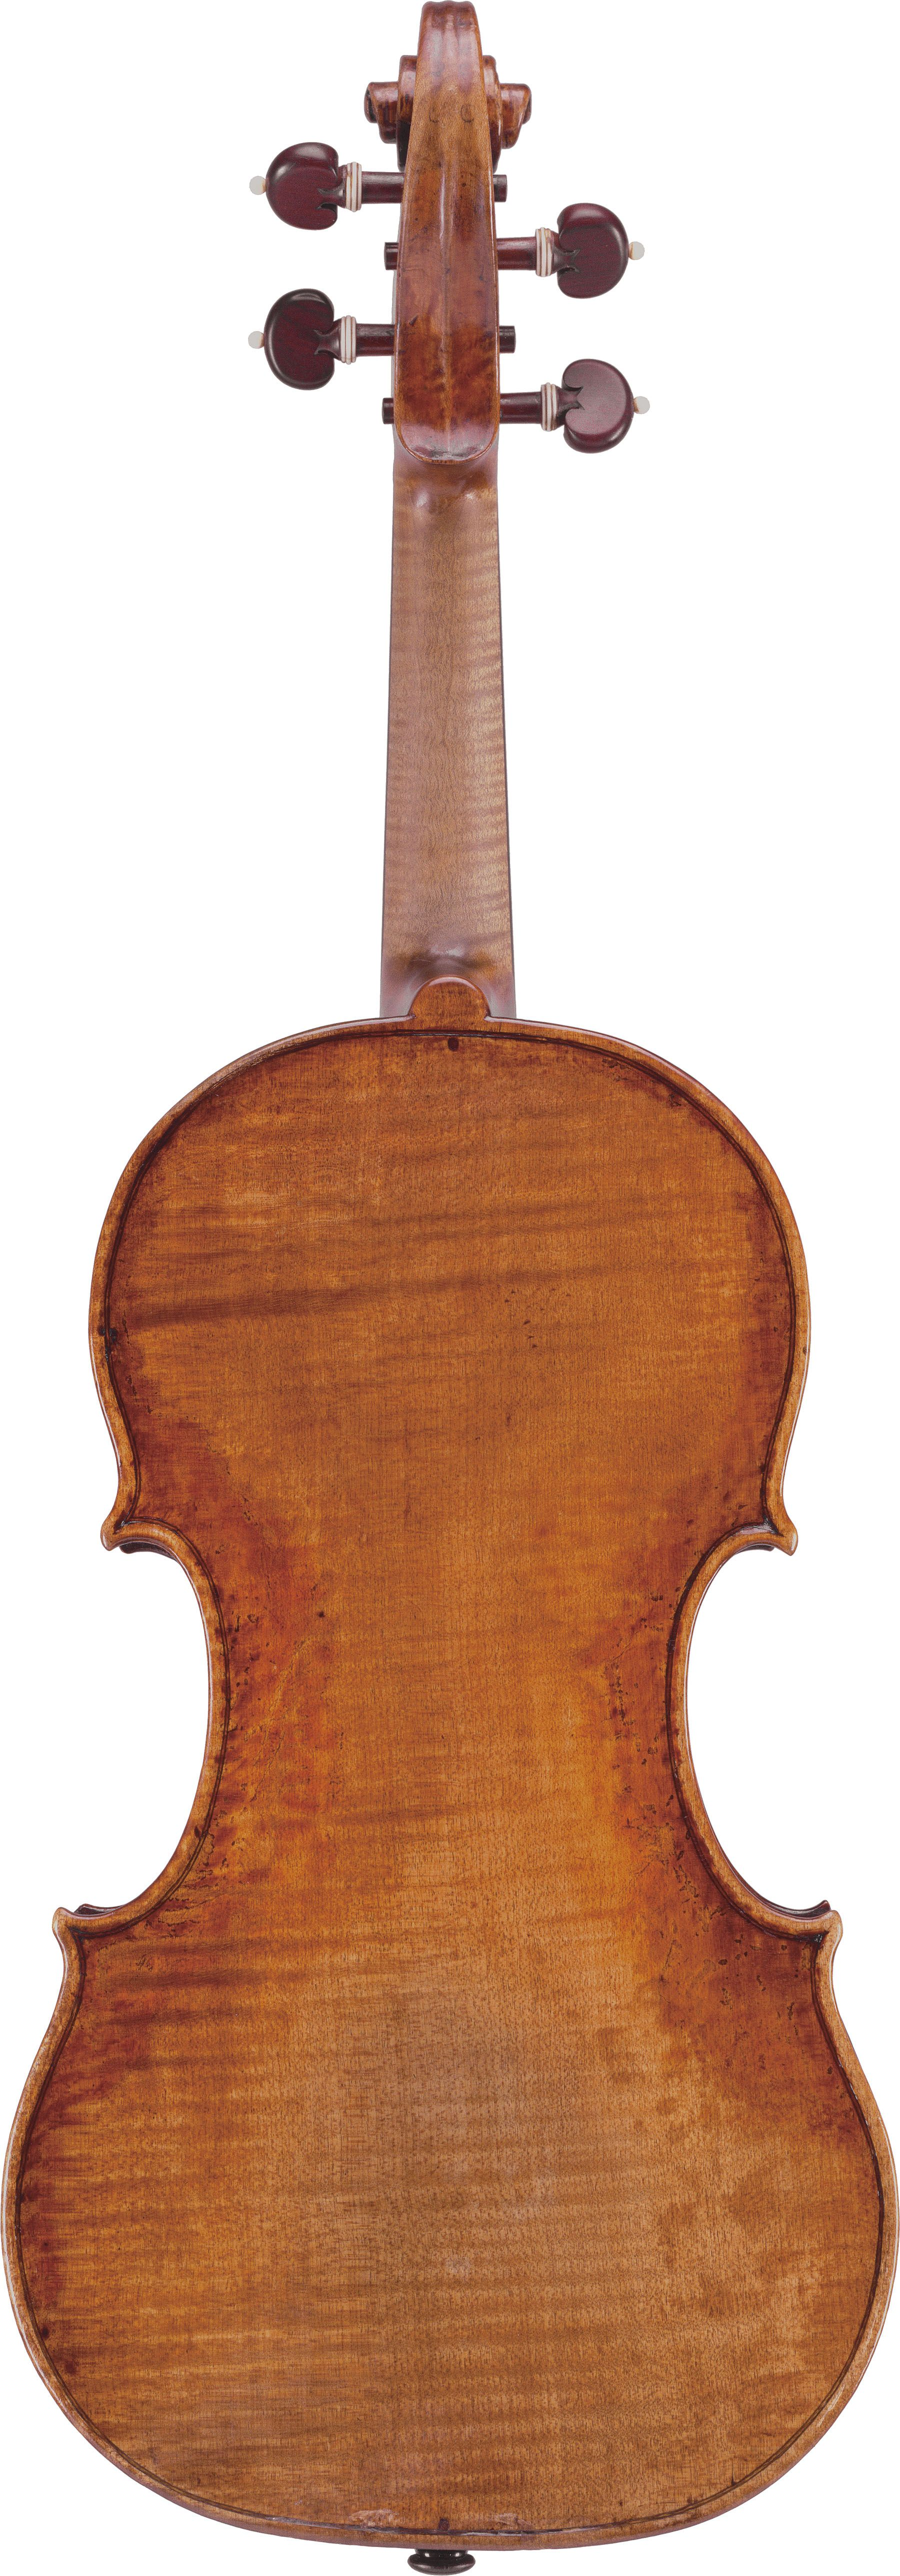 1739 Guarneri Del Gesu Violin  ex-Menuhin from The Four Centuries Gallery